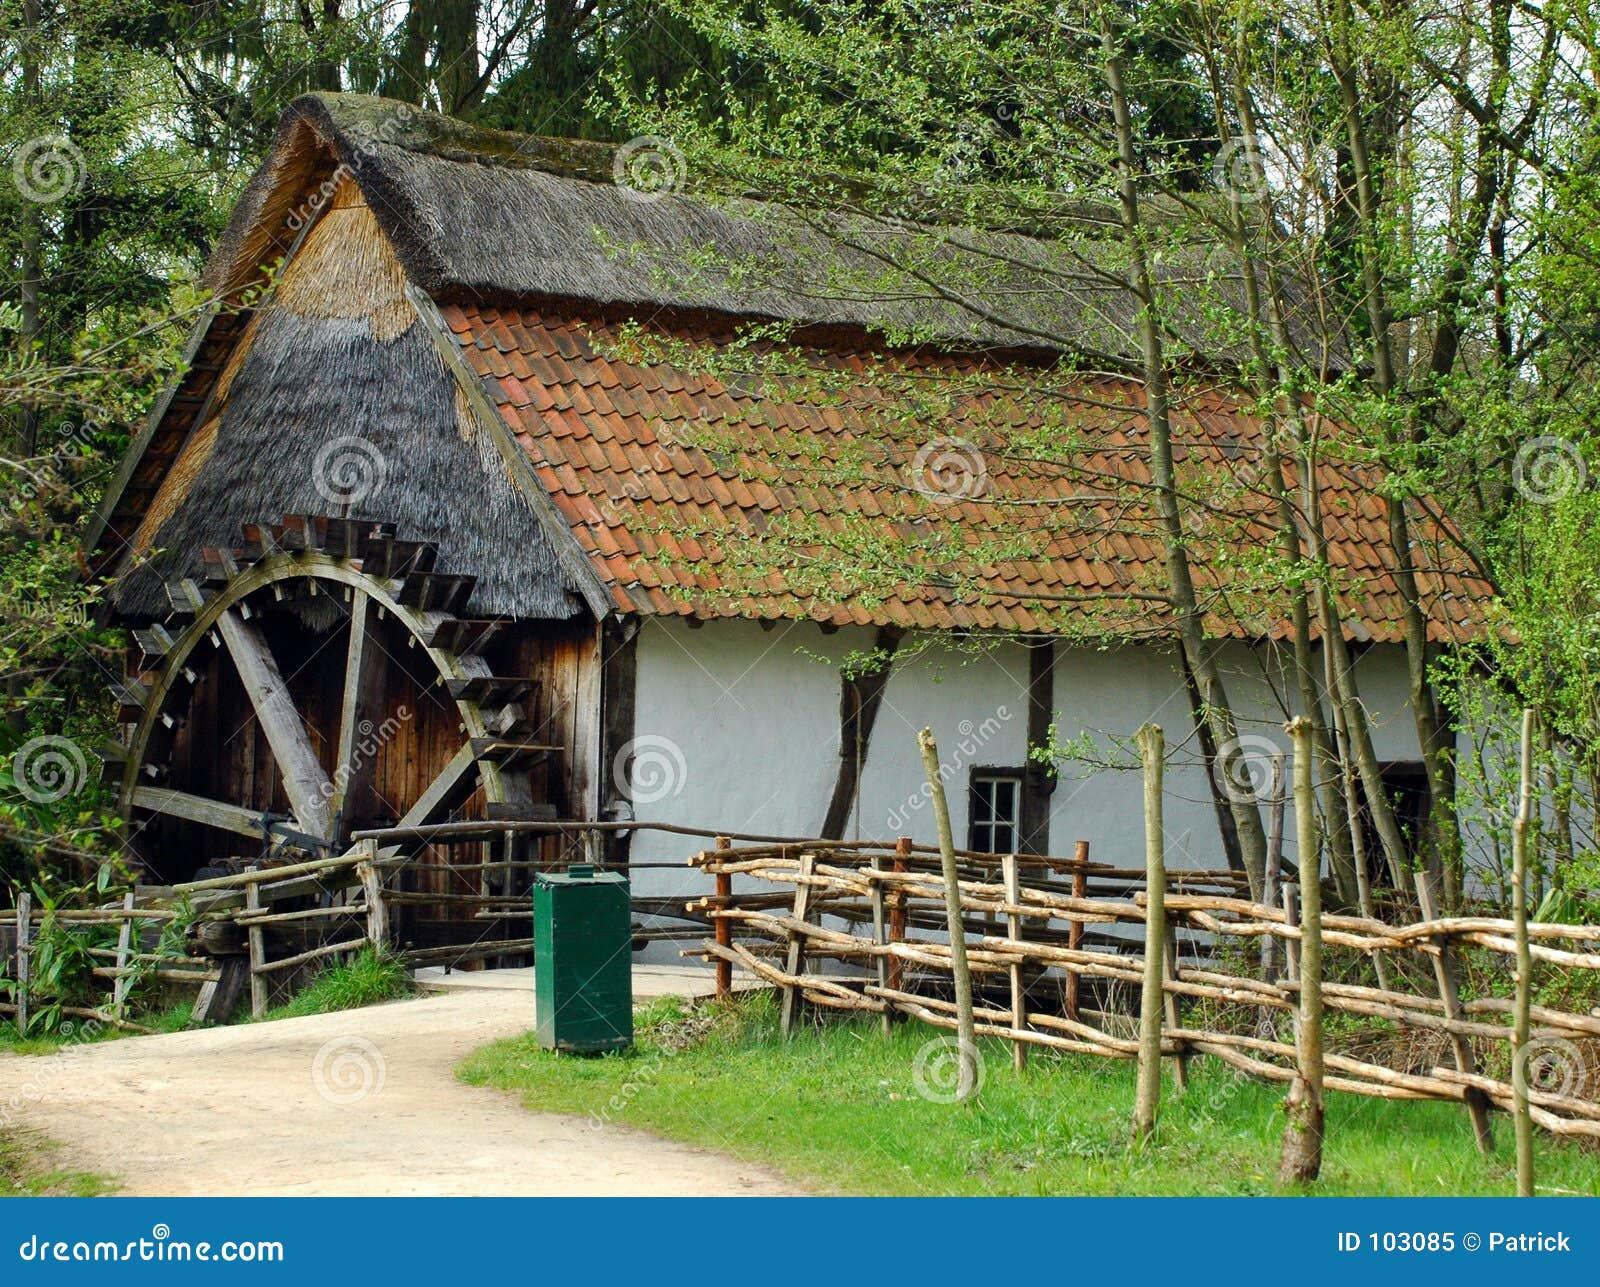 Watermill abandonado.